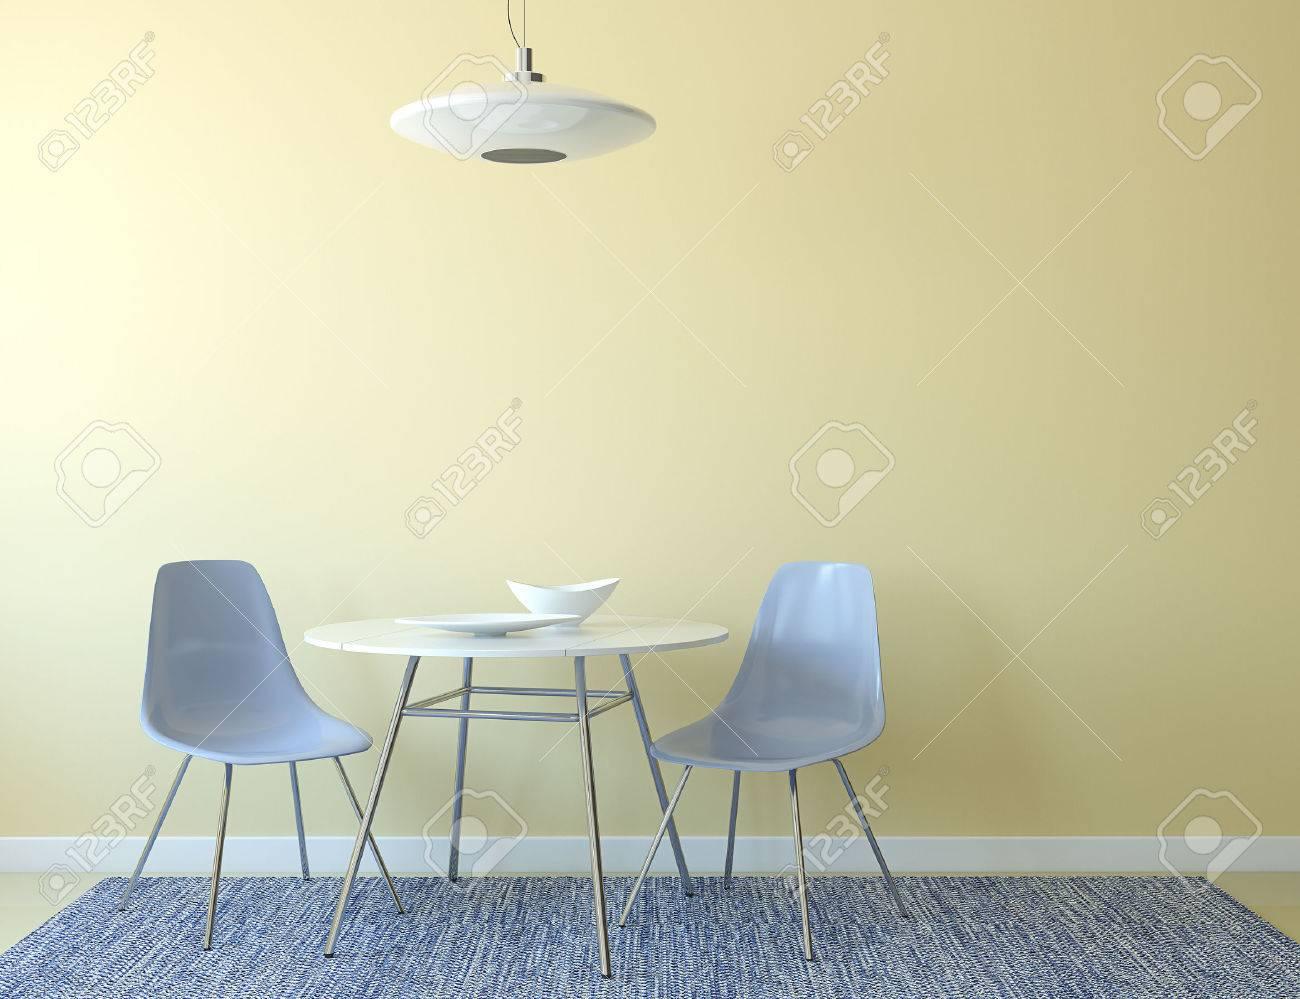 Küche Interieur Mit Tisch Und Zwei Blaue Stühle In Der Nähe Von ...